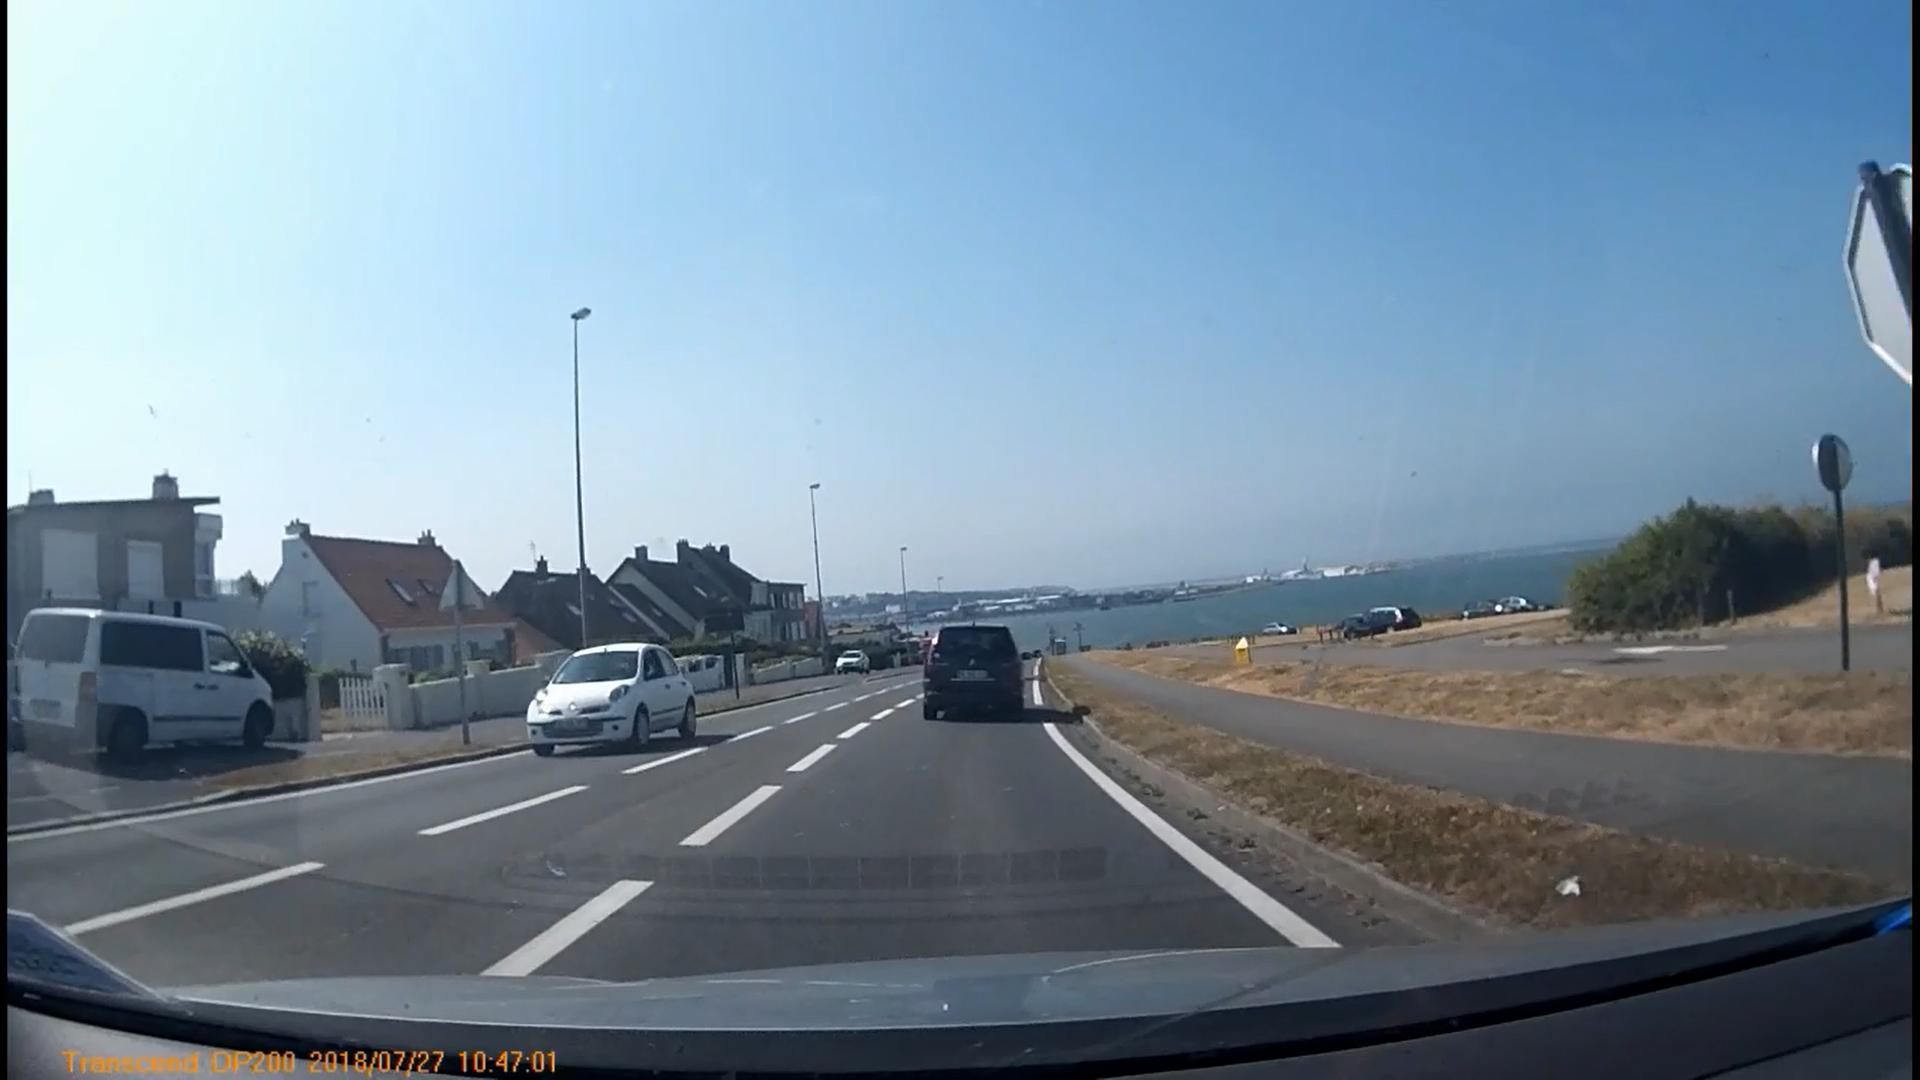 Calais to Boulogne-sur-Mer